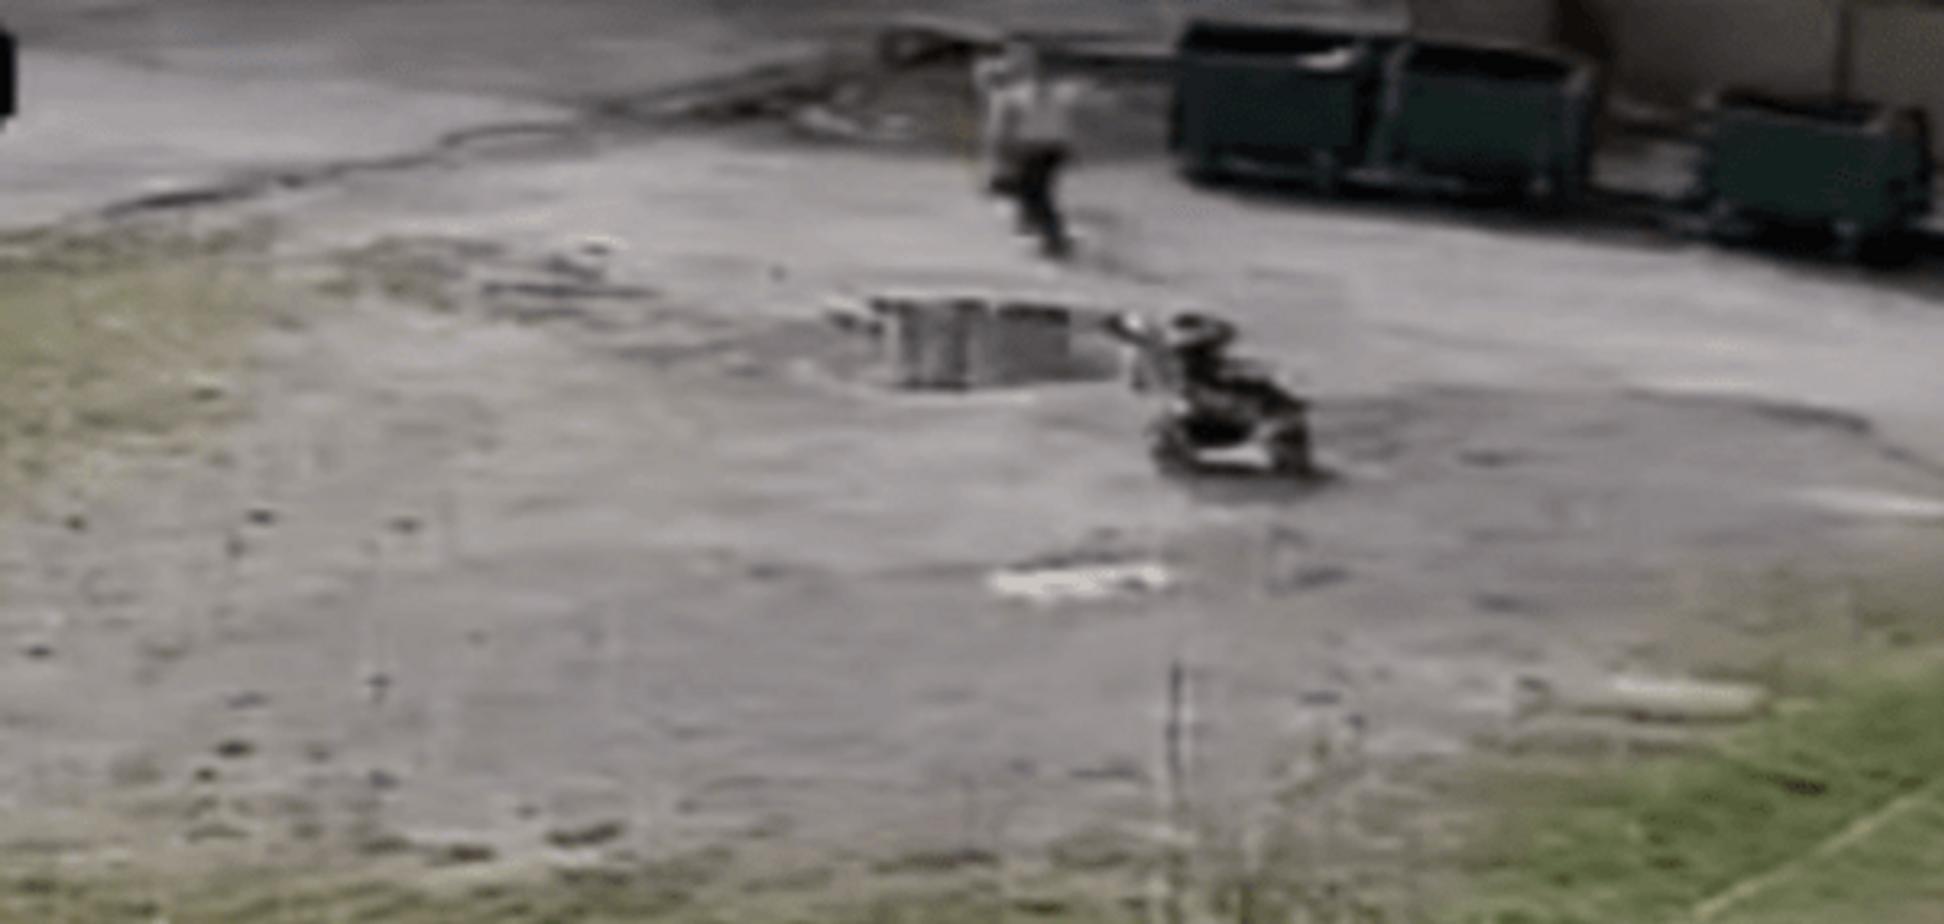 У Львові матуся-садистка побила 2-річну дитину і її бабусю палицею з цвяхами: шокуюче відео